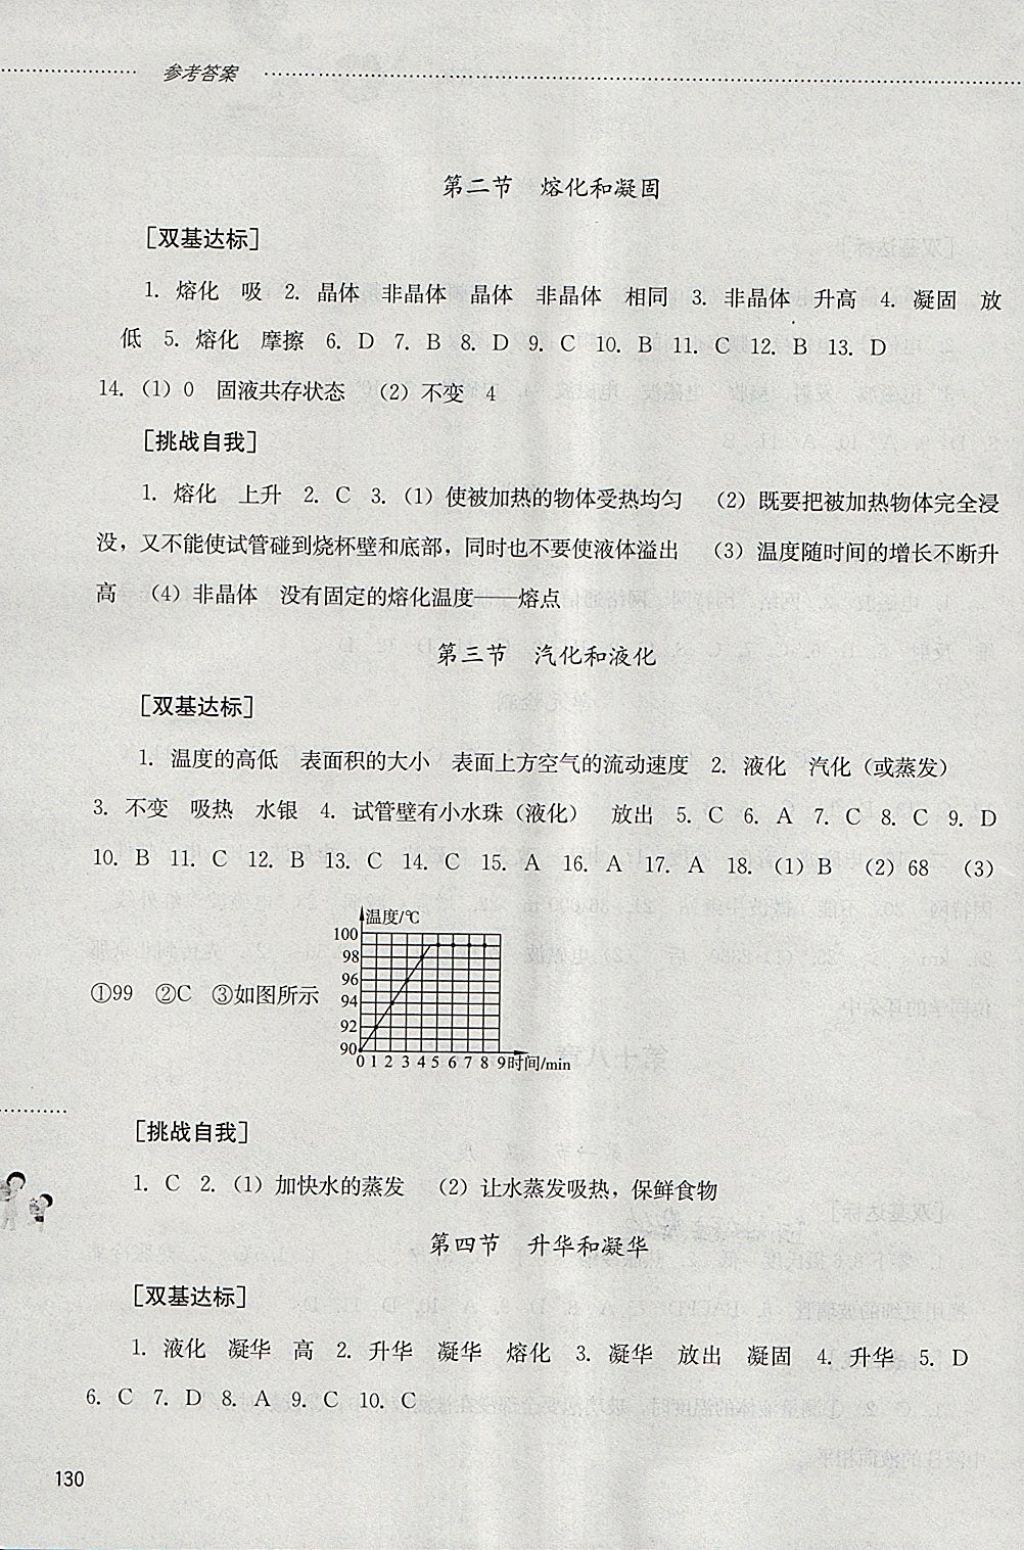 2018年初中课堂同步训练九年级物理下册山东文艺出版社第5页